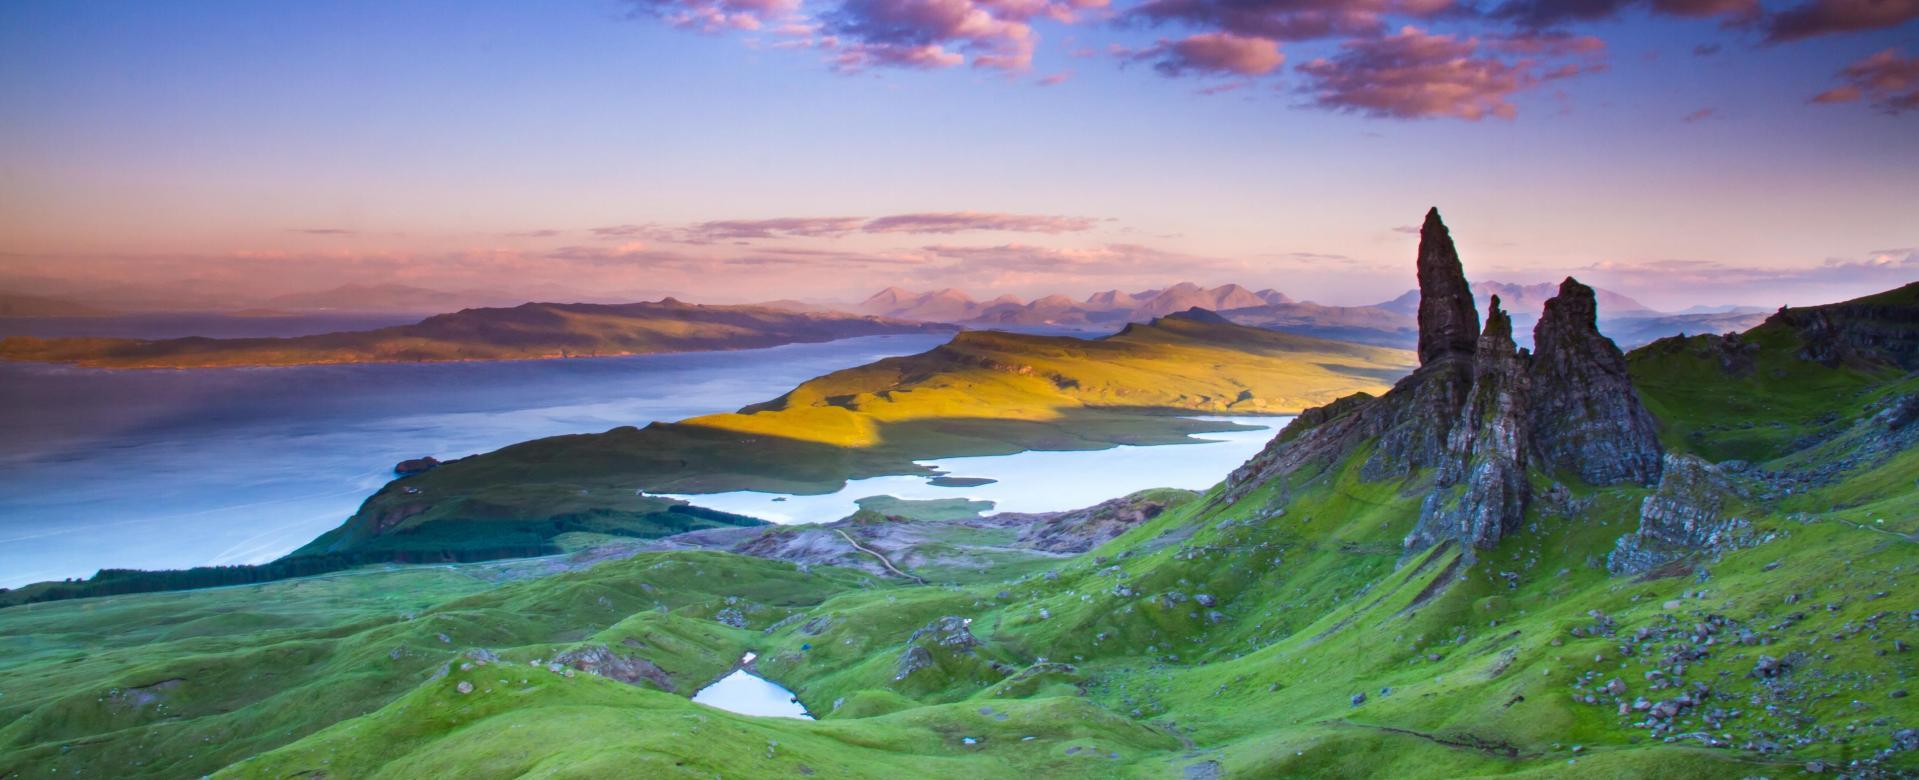 Voyage à pied : De l\'île de skye aux rives du loch ness